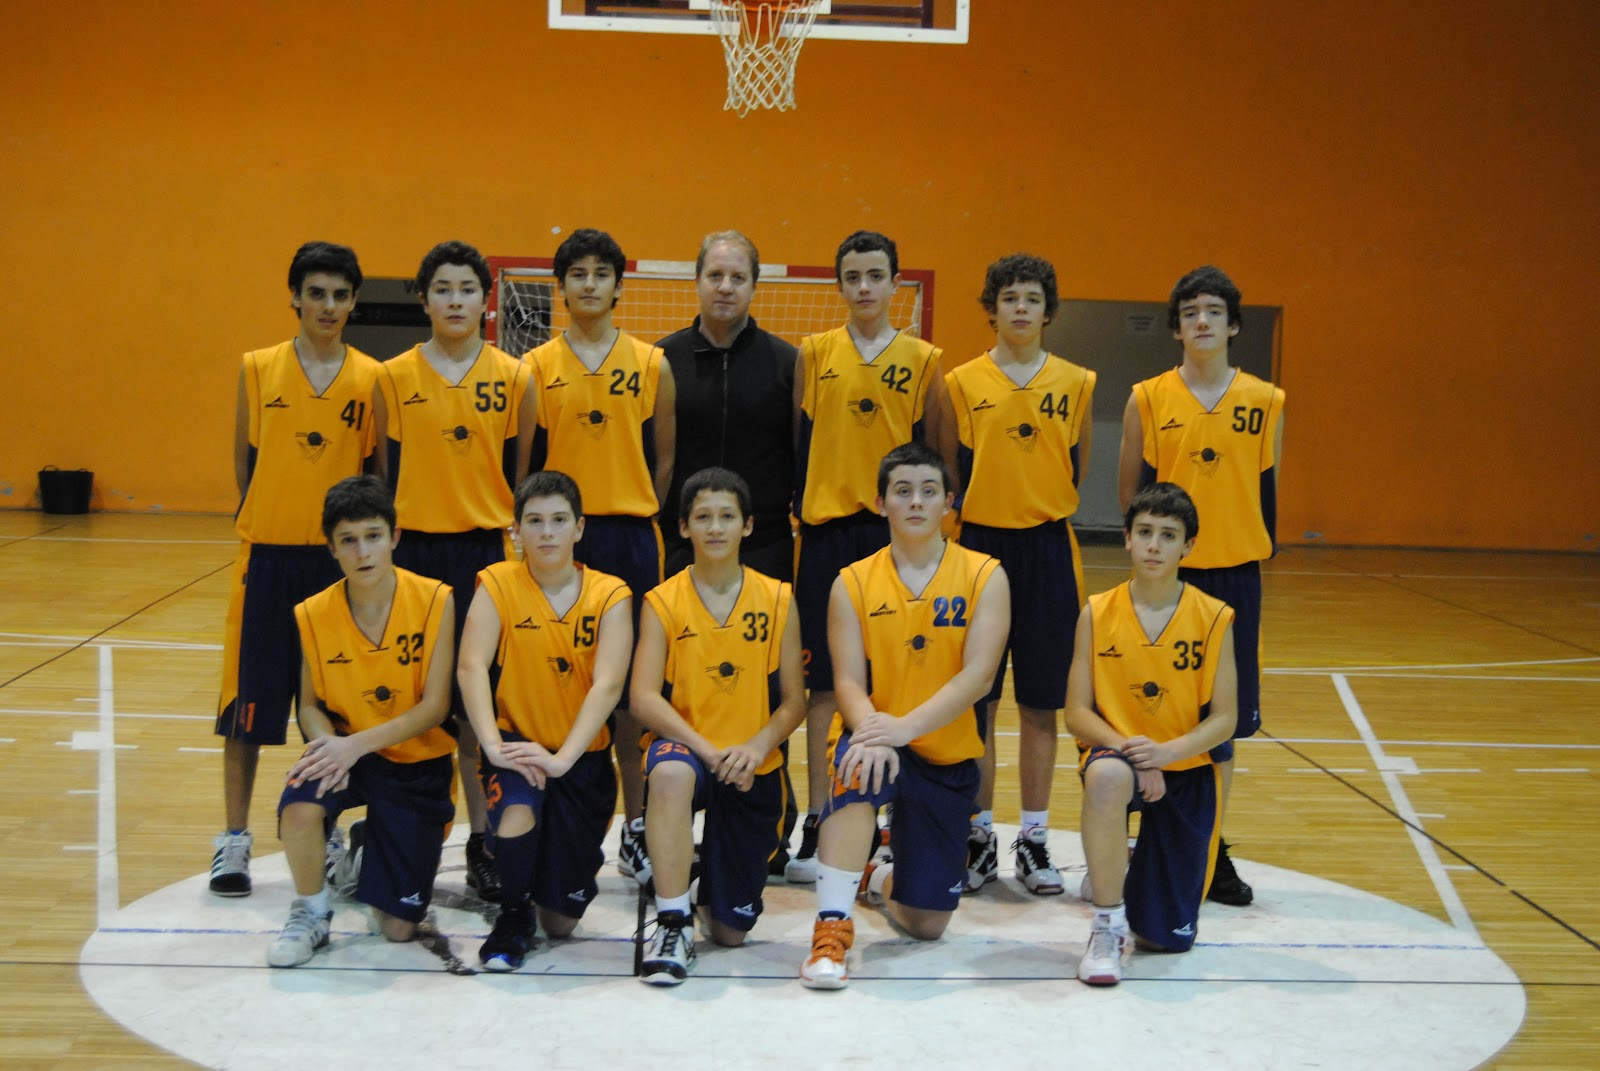 Anpablancoamor Revista Equipo Baloncesto Masculino